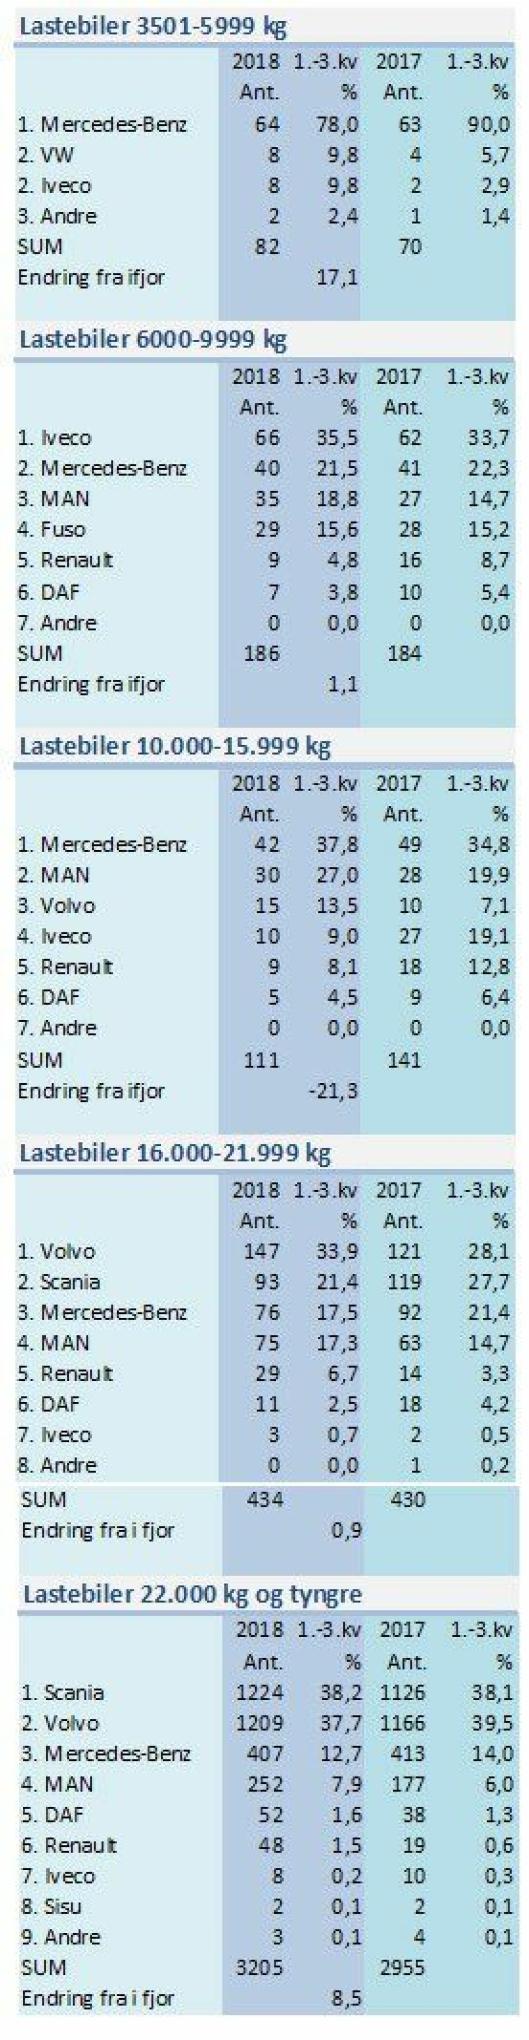 Førstegangsregistrerte lastebiler i Norge fra 1. januar til 30. september 2018. Kilde: OFV